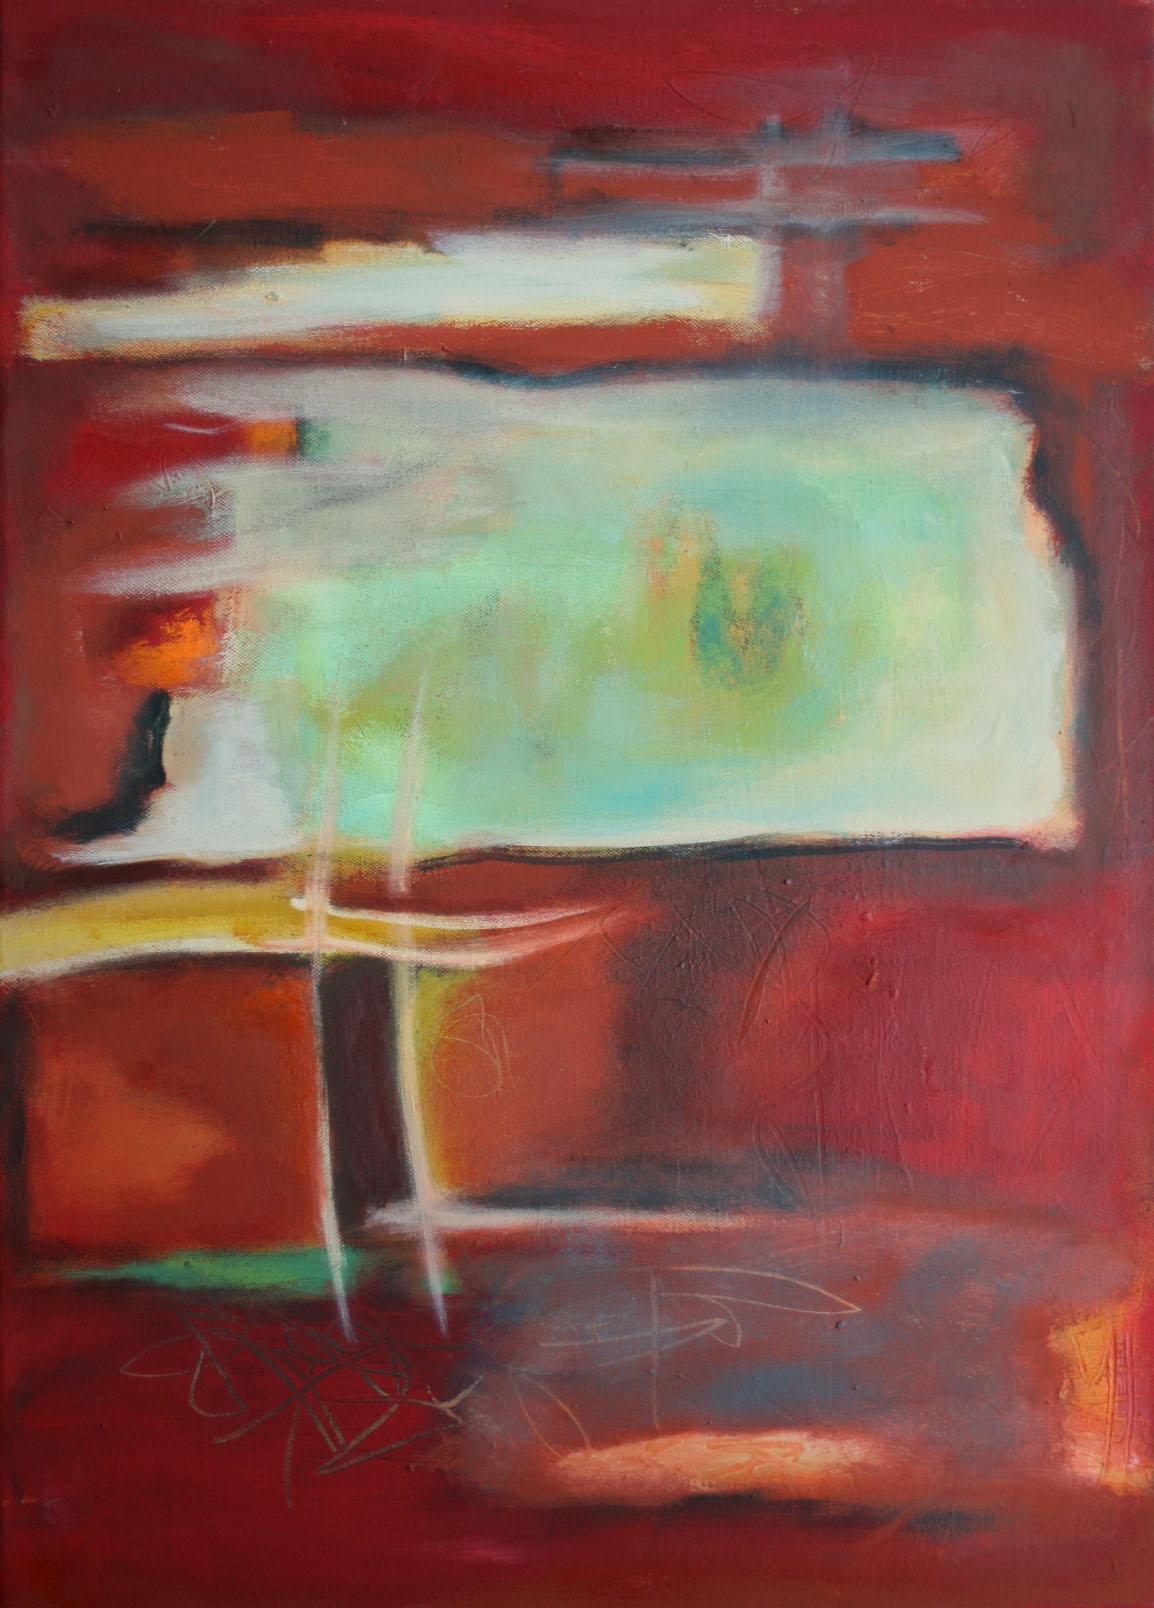 Tief im Rot I,  Öl und Acryl auf Leinwand, 70 x 50 cm